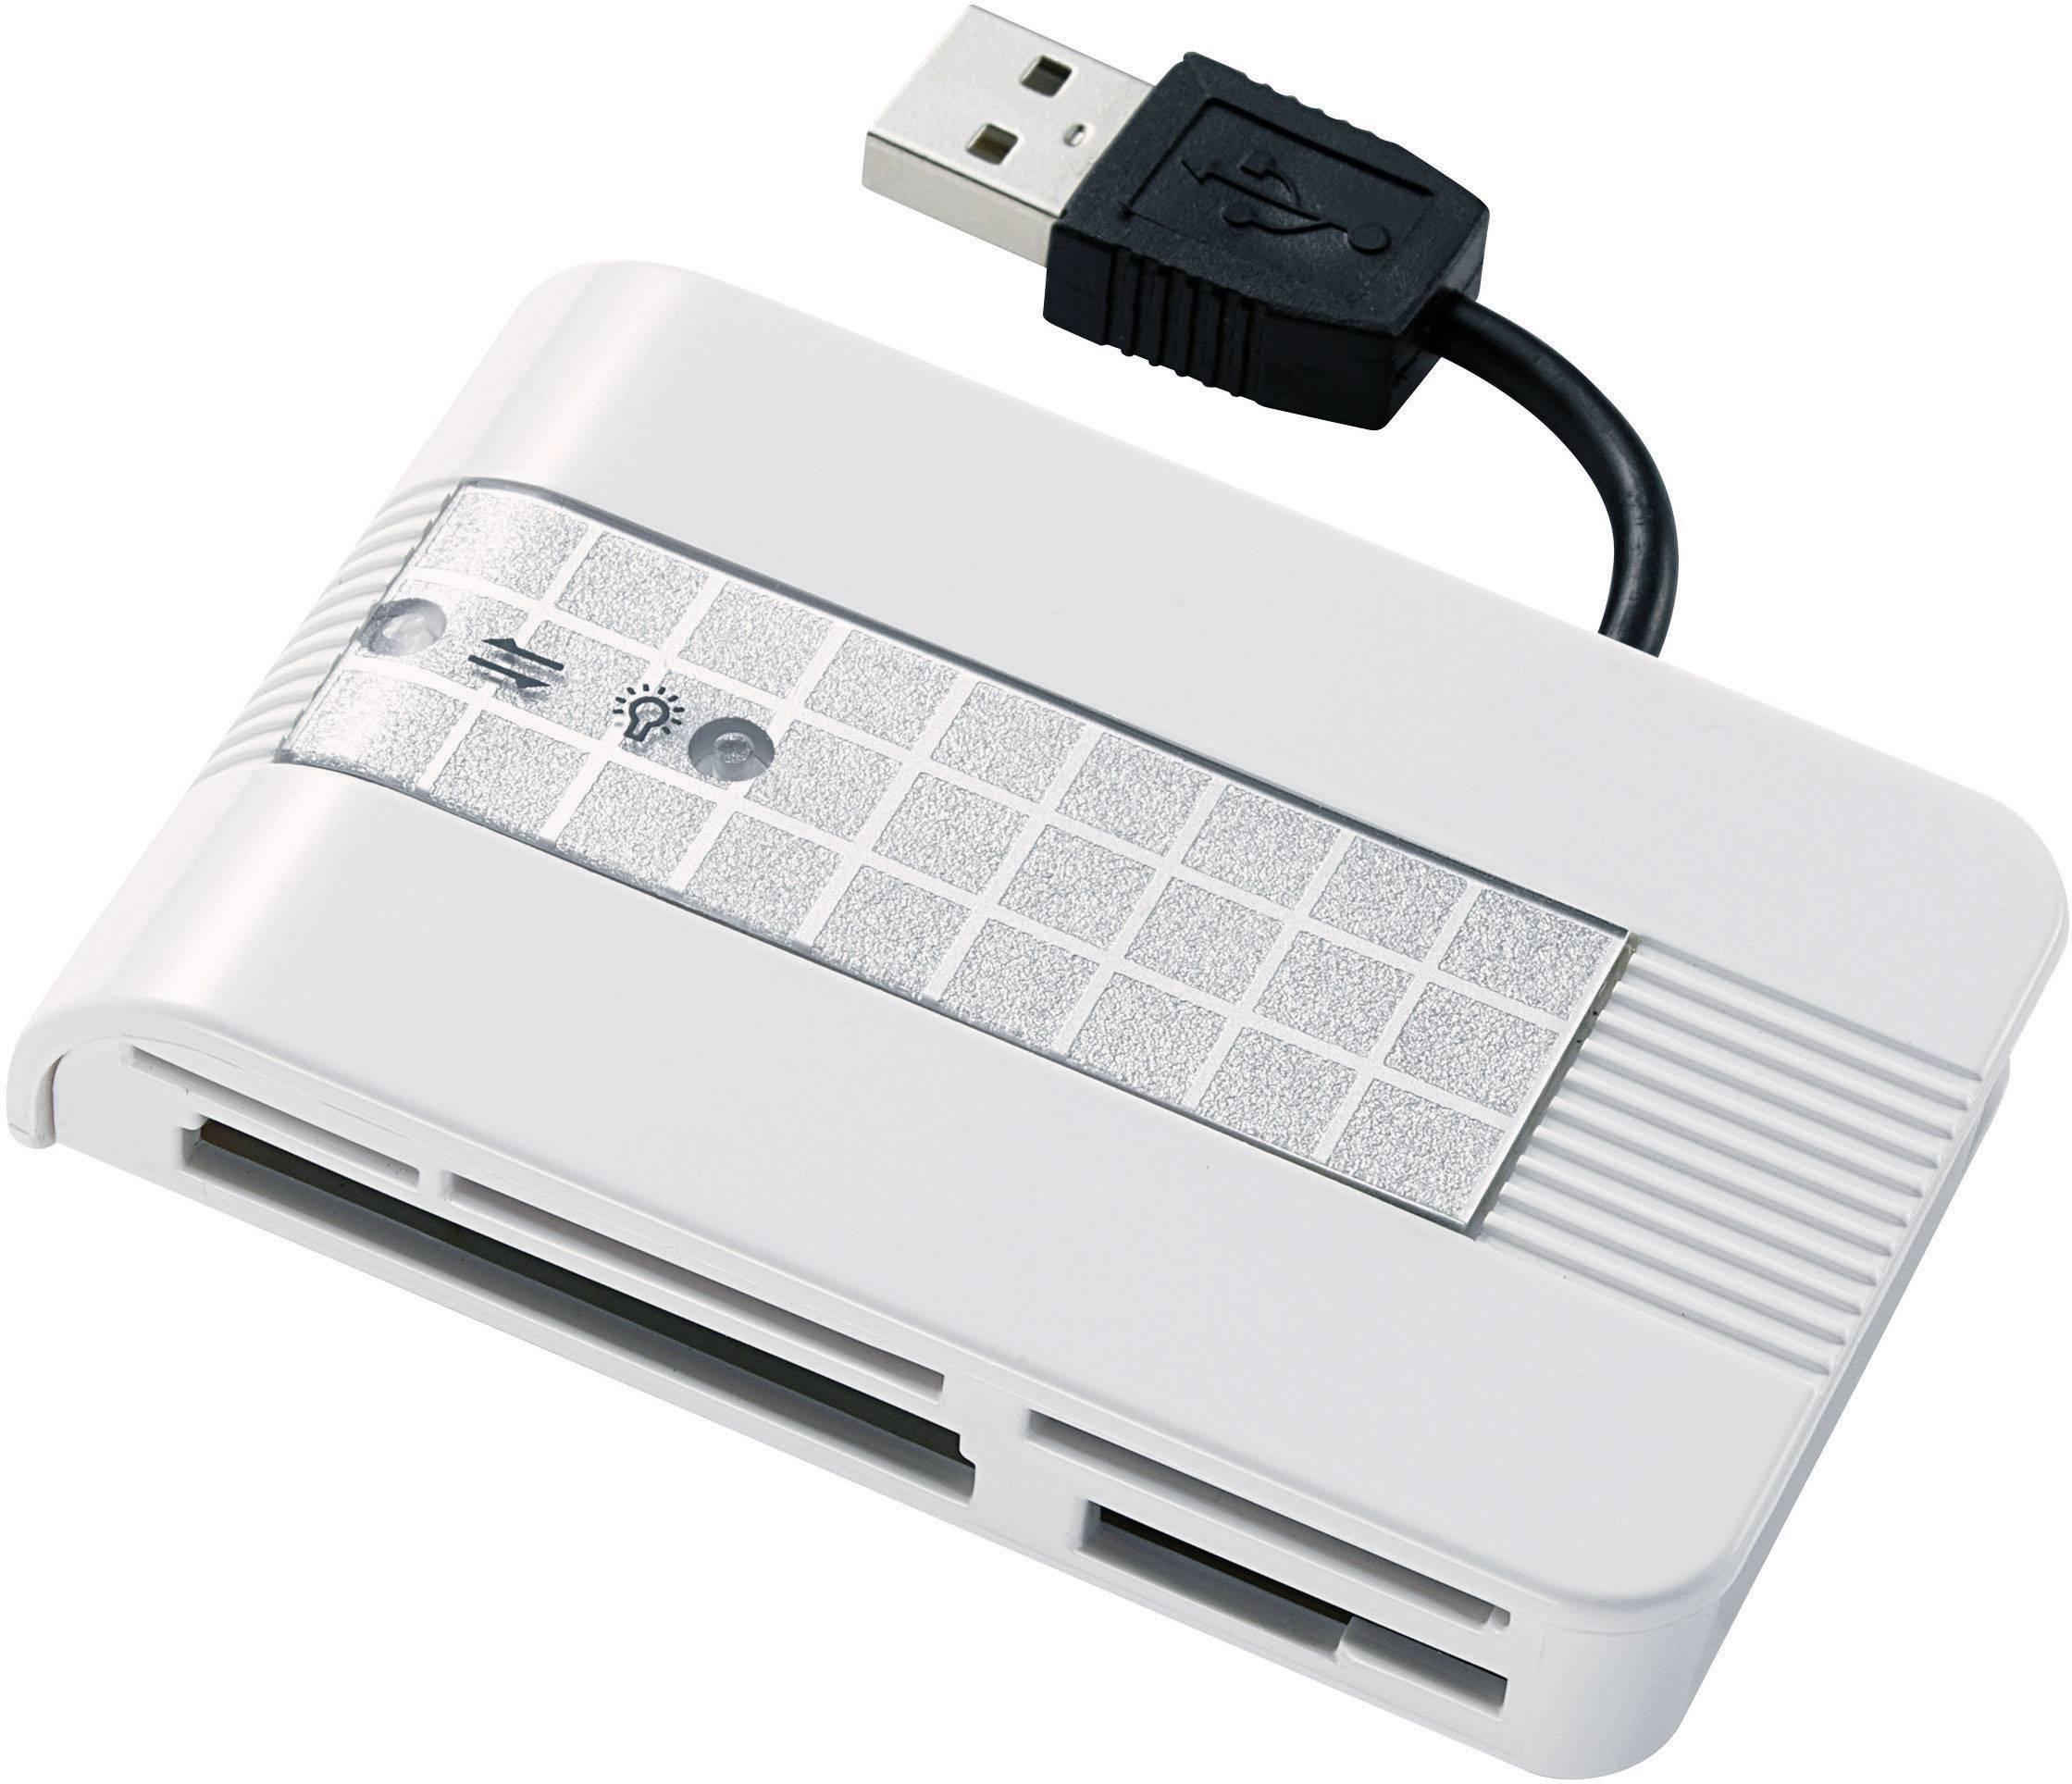 Externá čítačka pamäťových kariet Renkforce CR22e-SIM, USB 2.0, strieborná